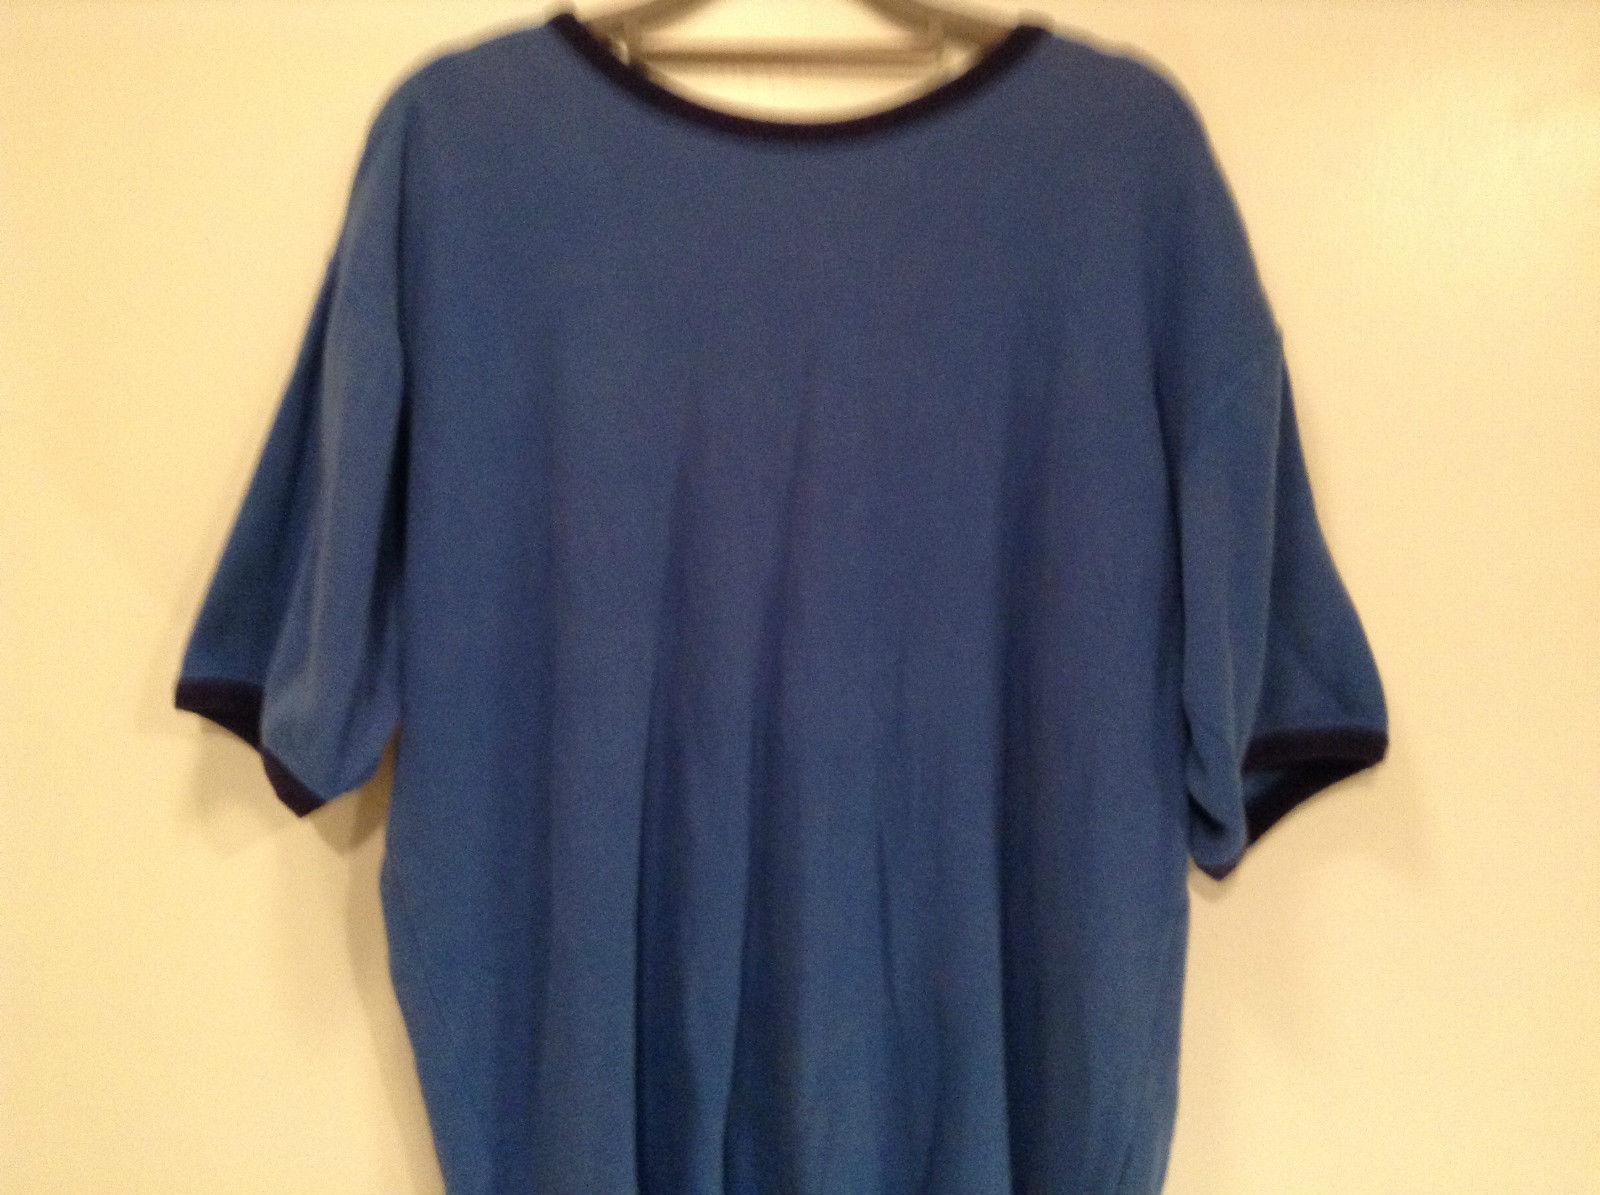 Northwest Territory Blue Short Sleeve Shirt Size Medium 100 Percent Cotton